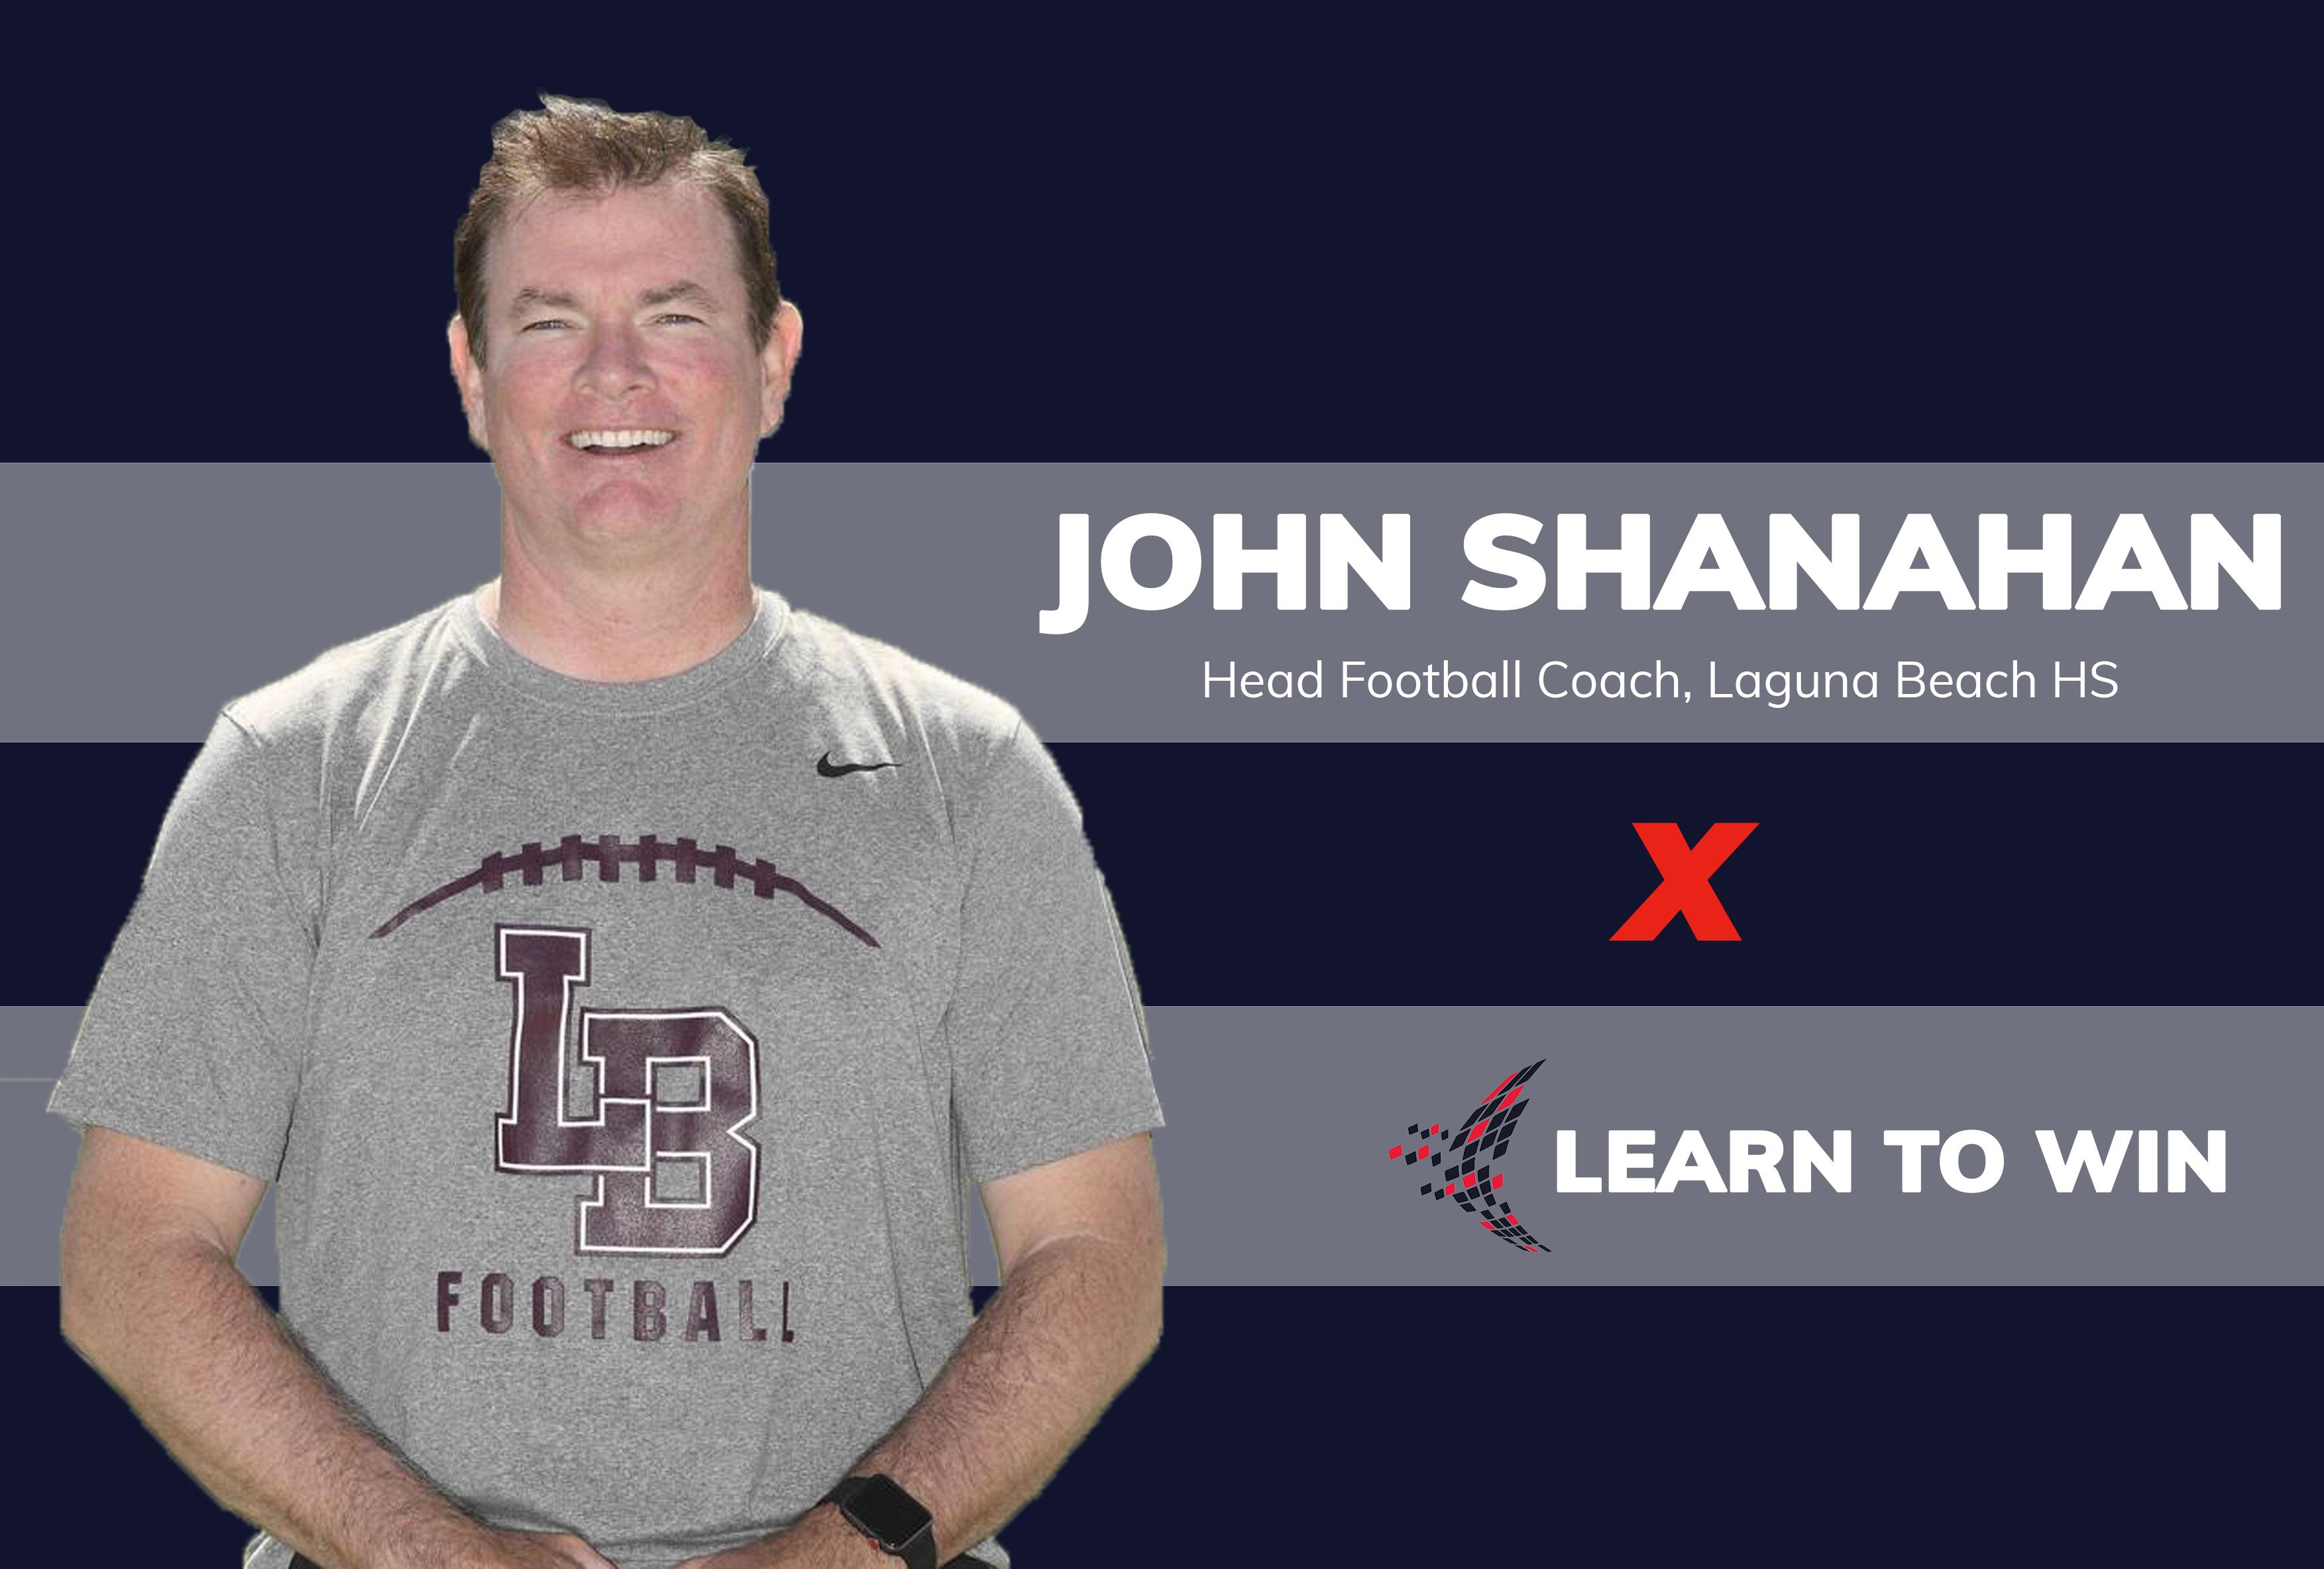 John Shanahan